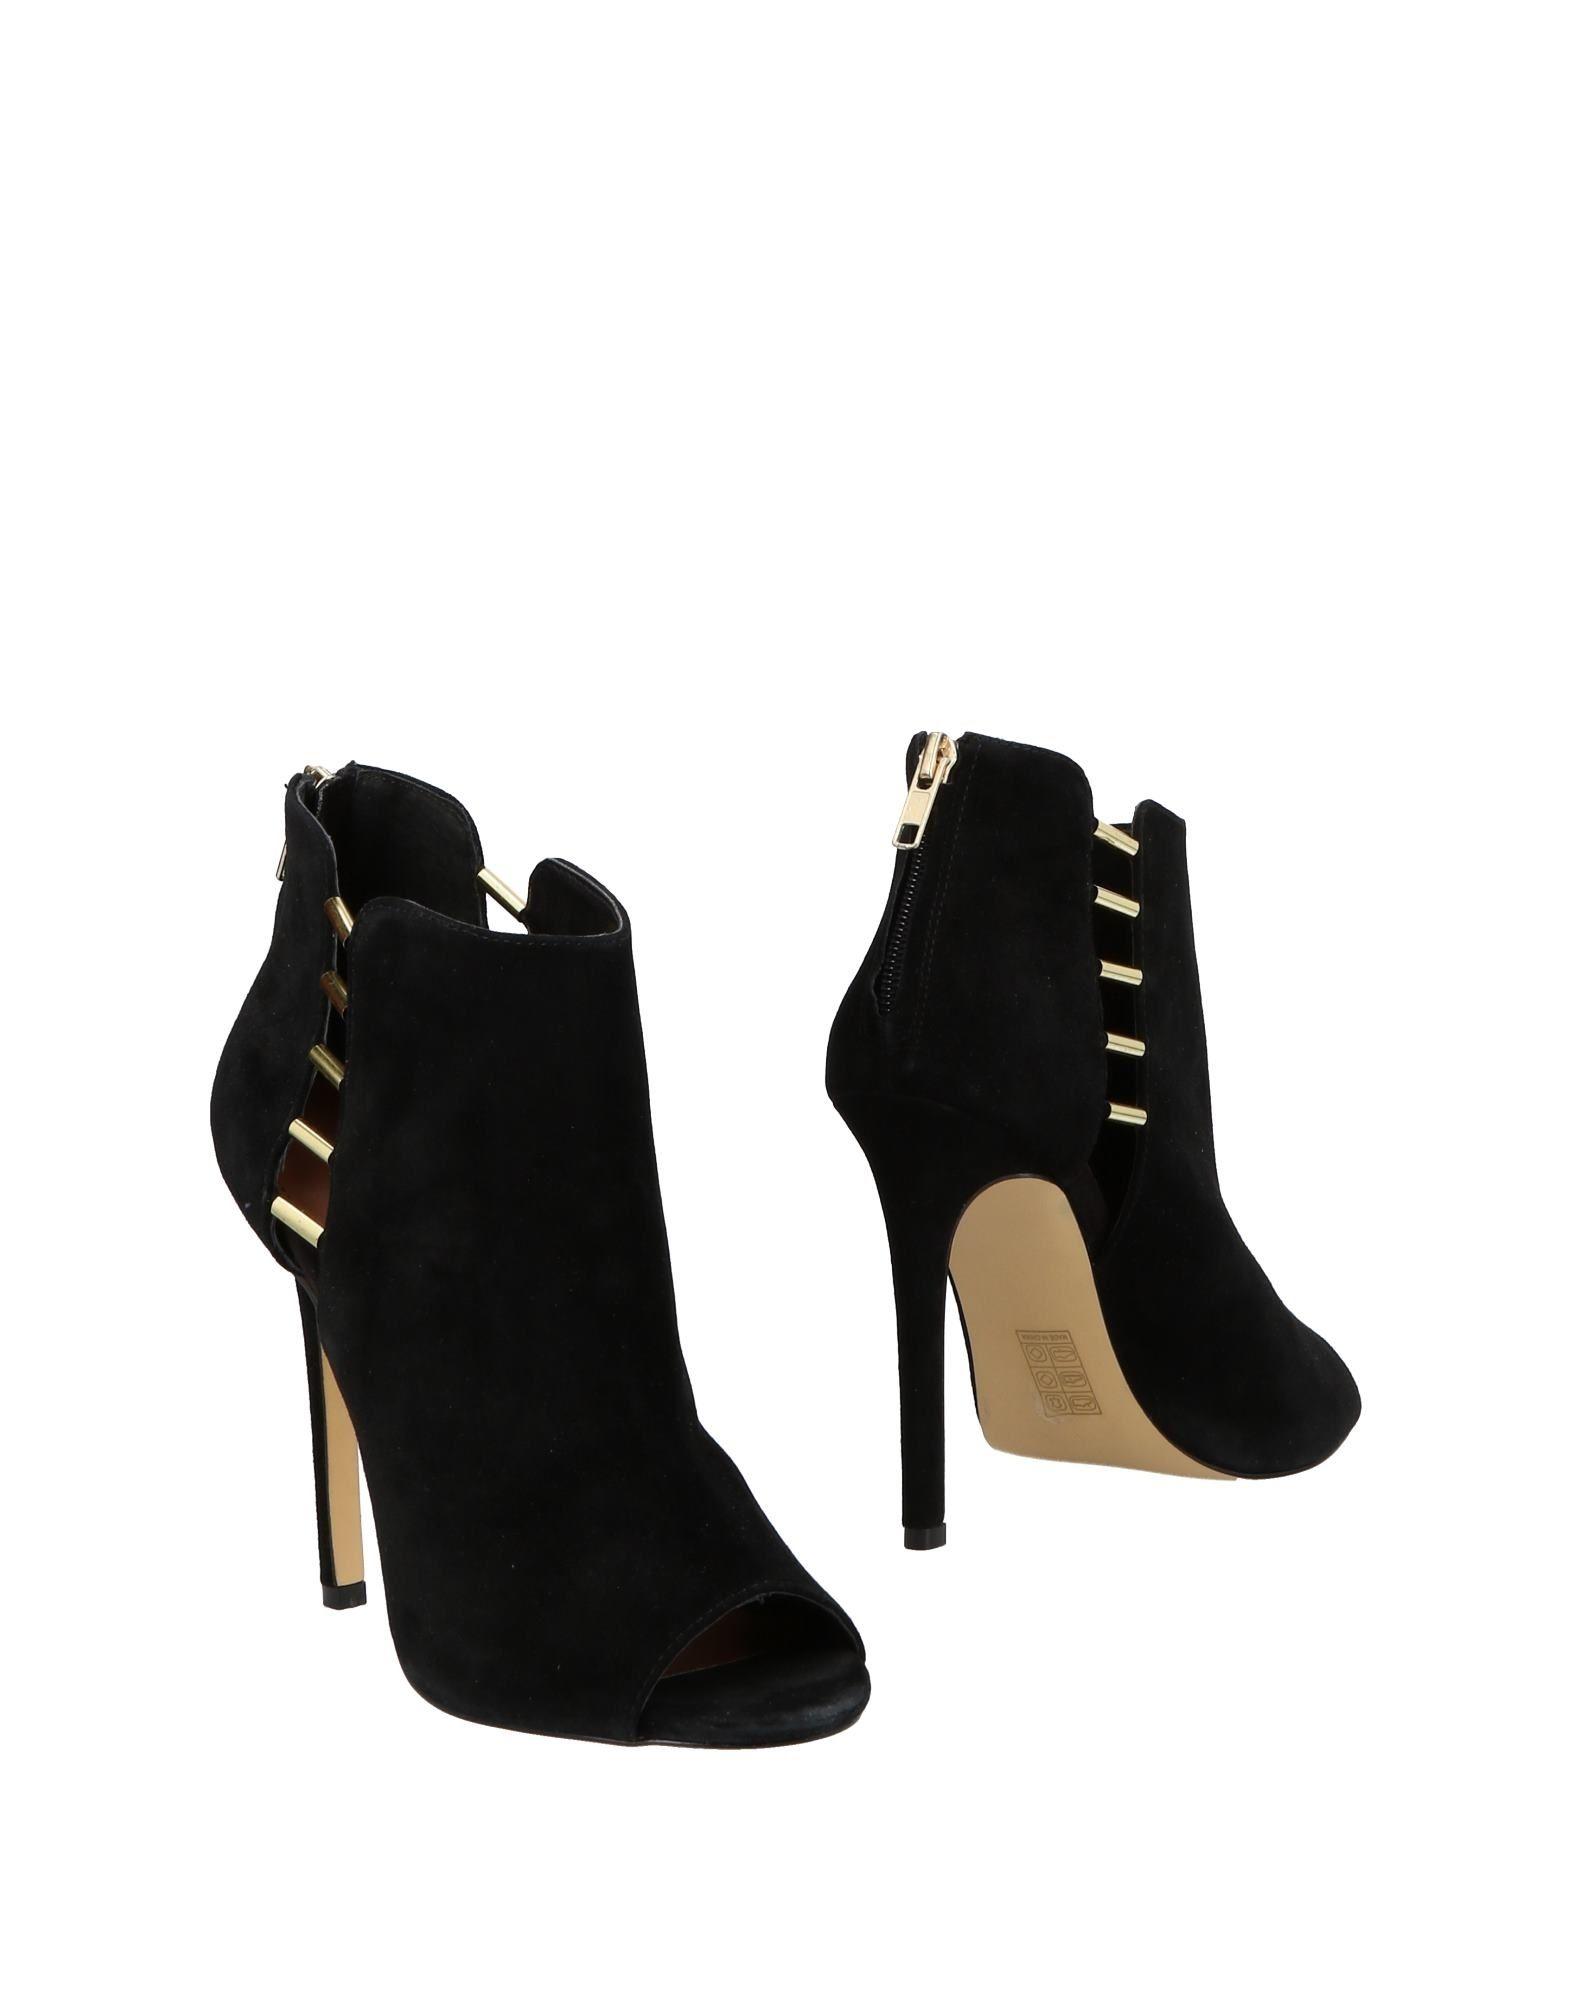 Steve Madden Stiefelette Qualität Damen  11492845DQ Gute Qualität Stiefelette beliebte Schuhe 2c88a7